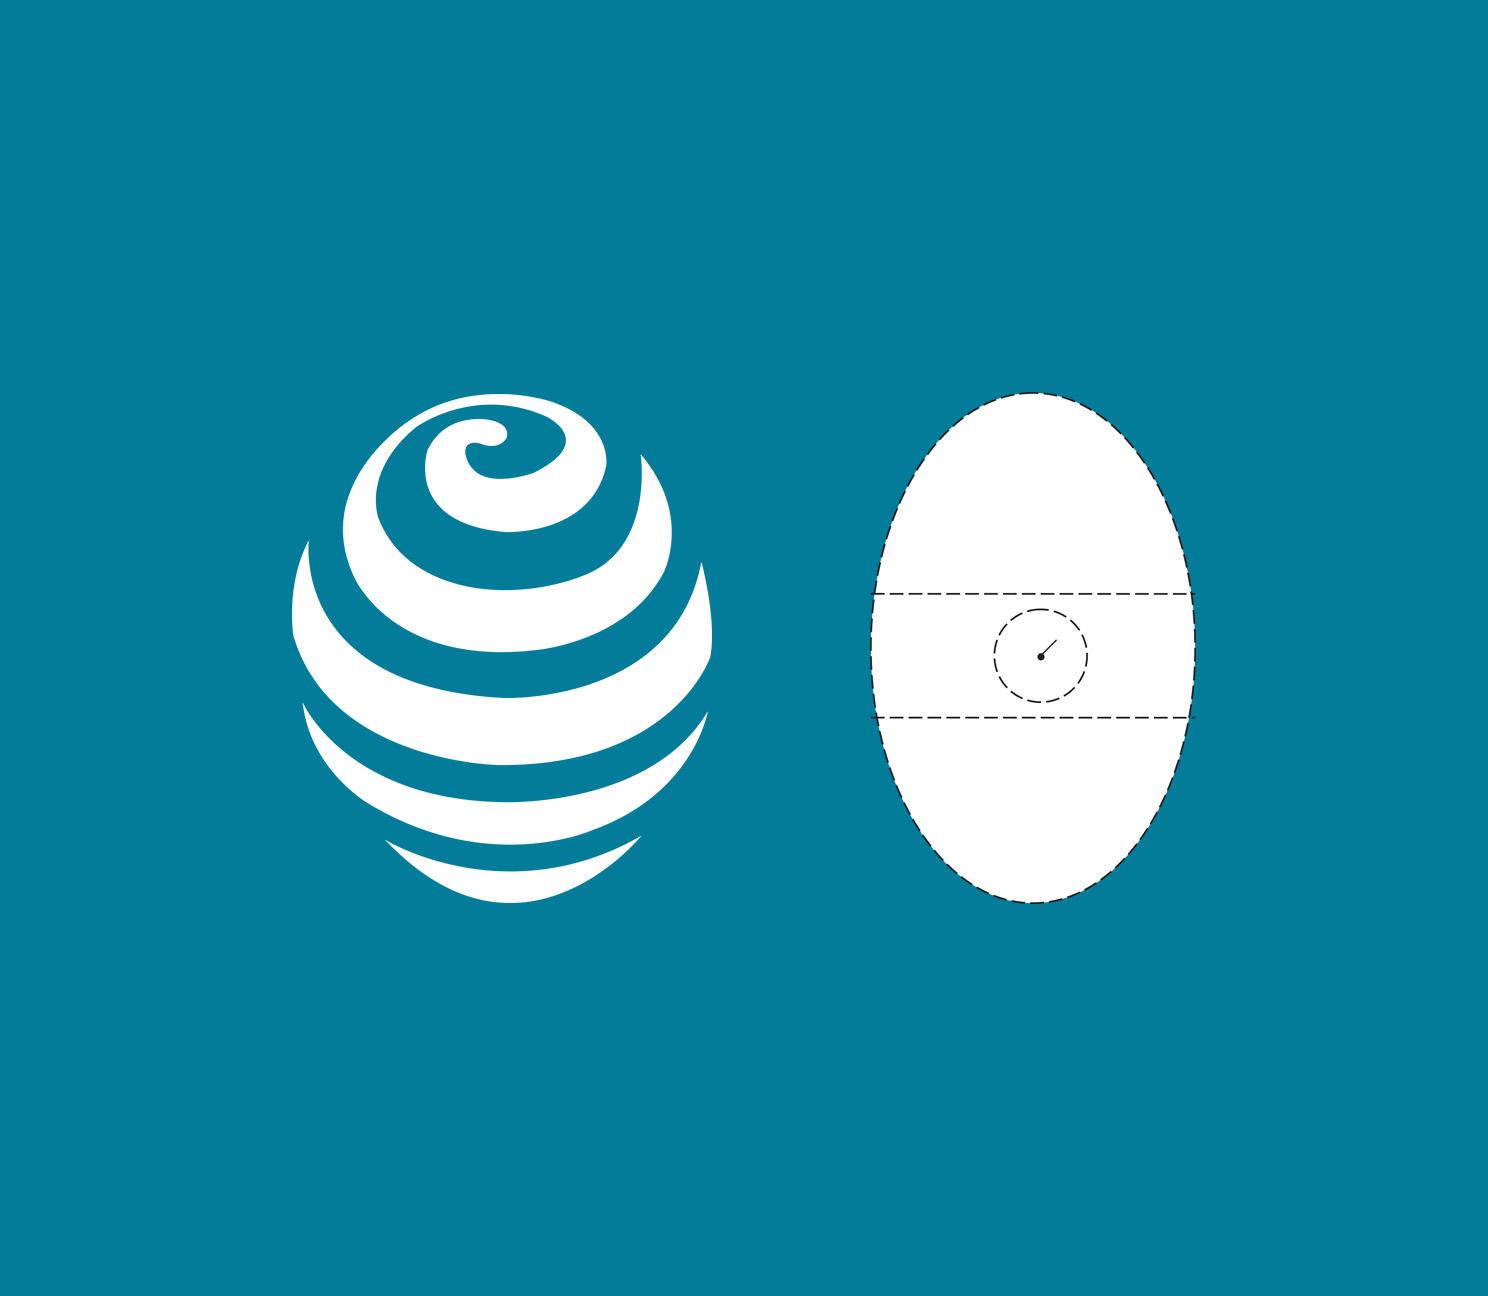 - Vår logotype symboliserar den modell över psykets olika delar som Roberto Assagioli skapade;